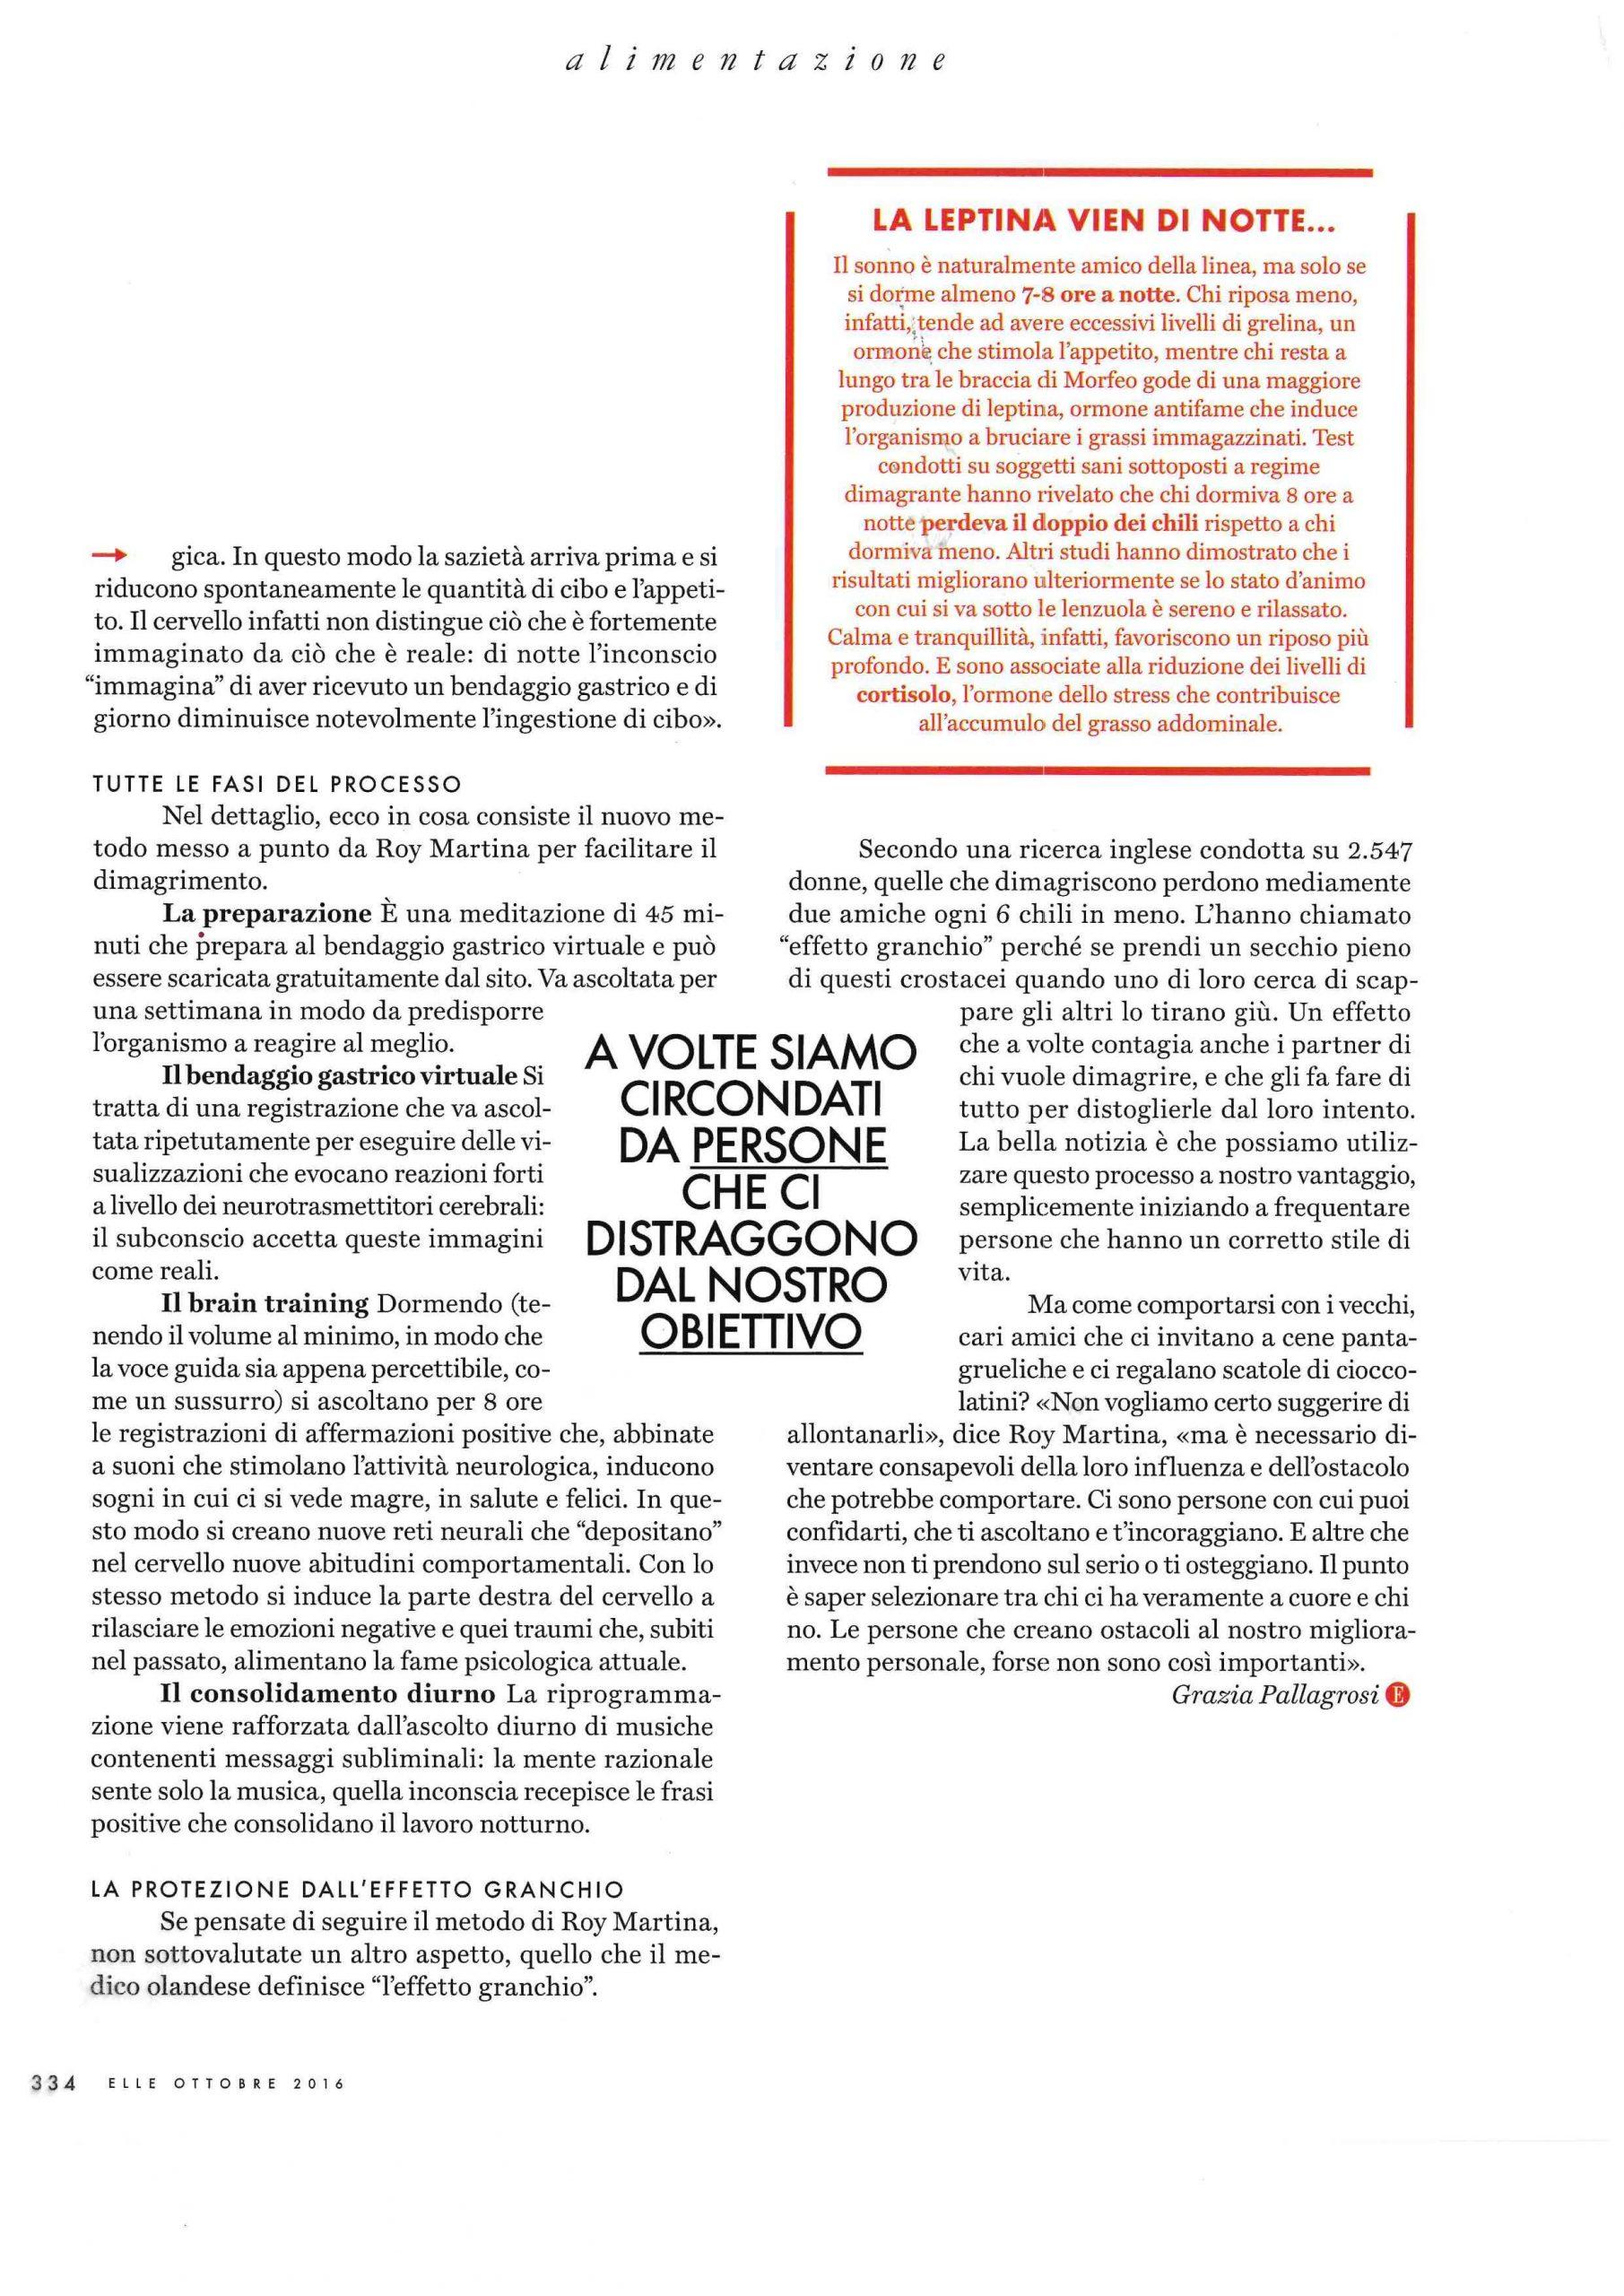 elle_articolo_Pagina_4-scaled-1.jpg